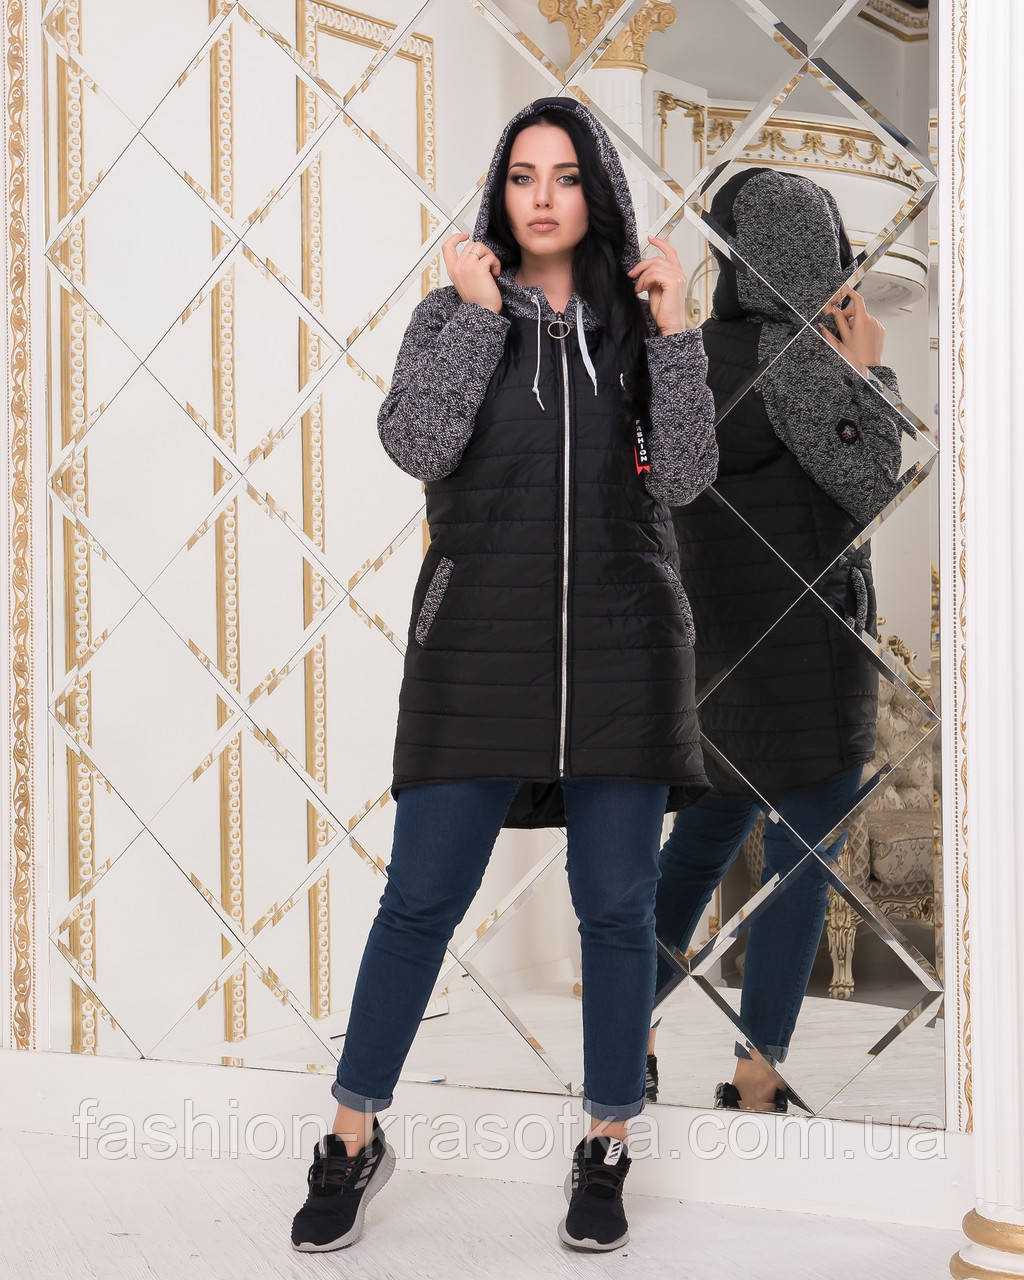 Модная женская демисезонная куртка ,размеры 46-48,50-52,54-56.